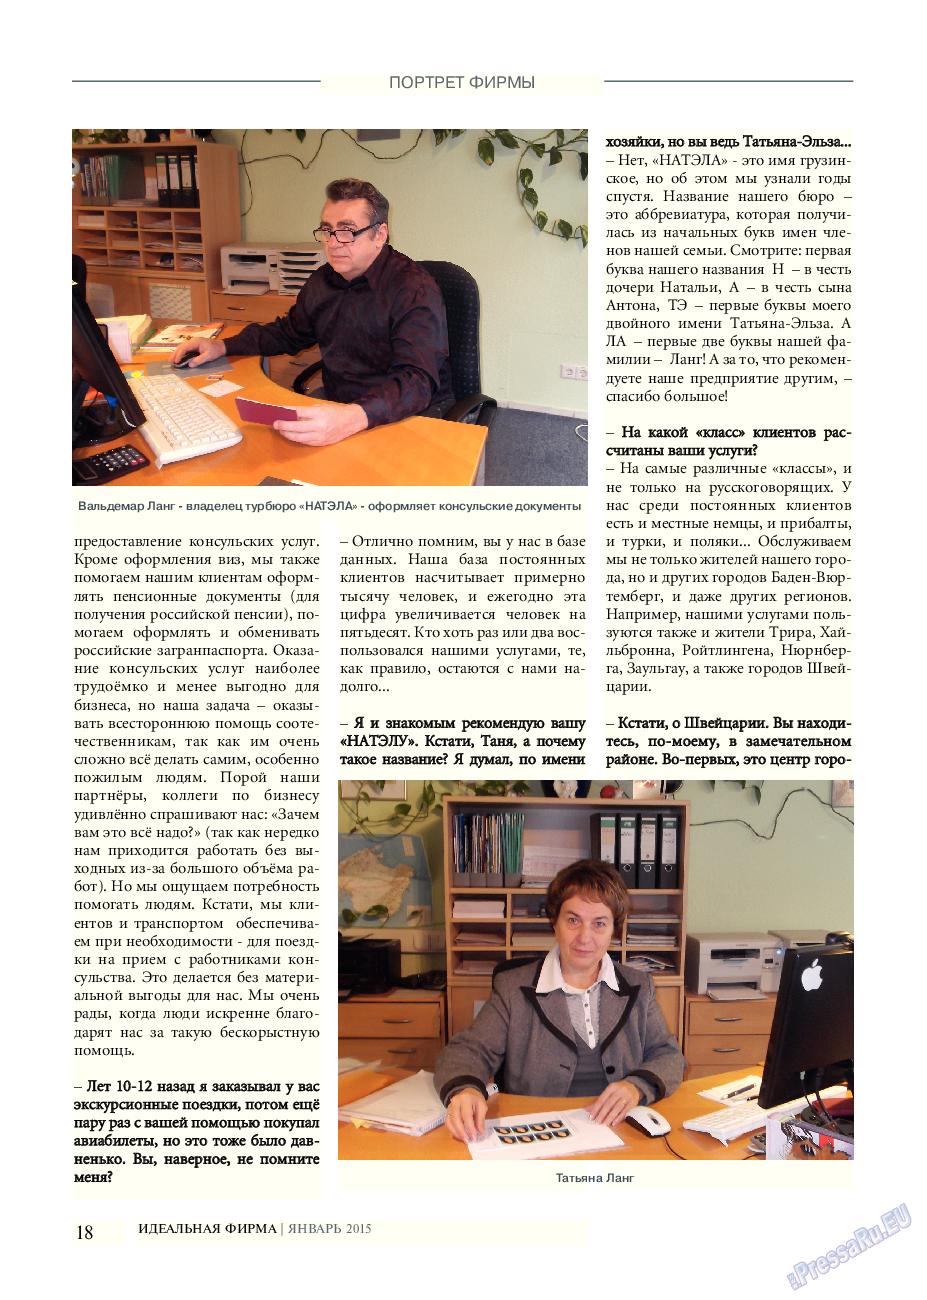 Идеальная фирма (журнал). 2015 год, номер 1, стр. 18